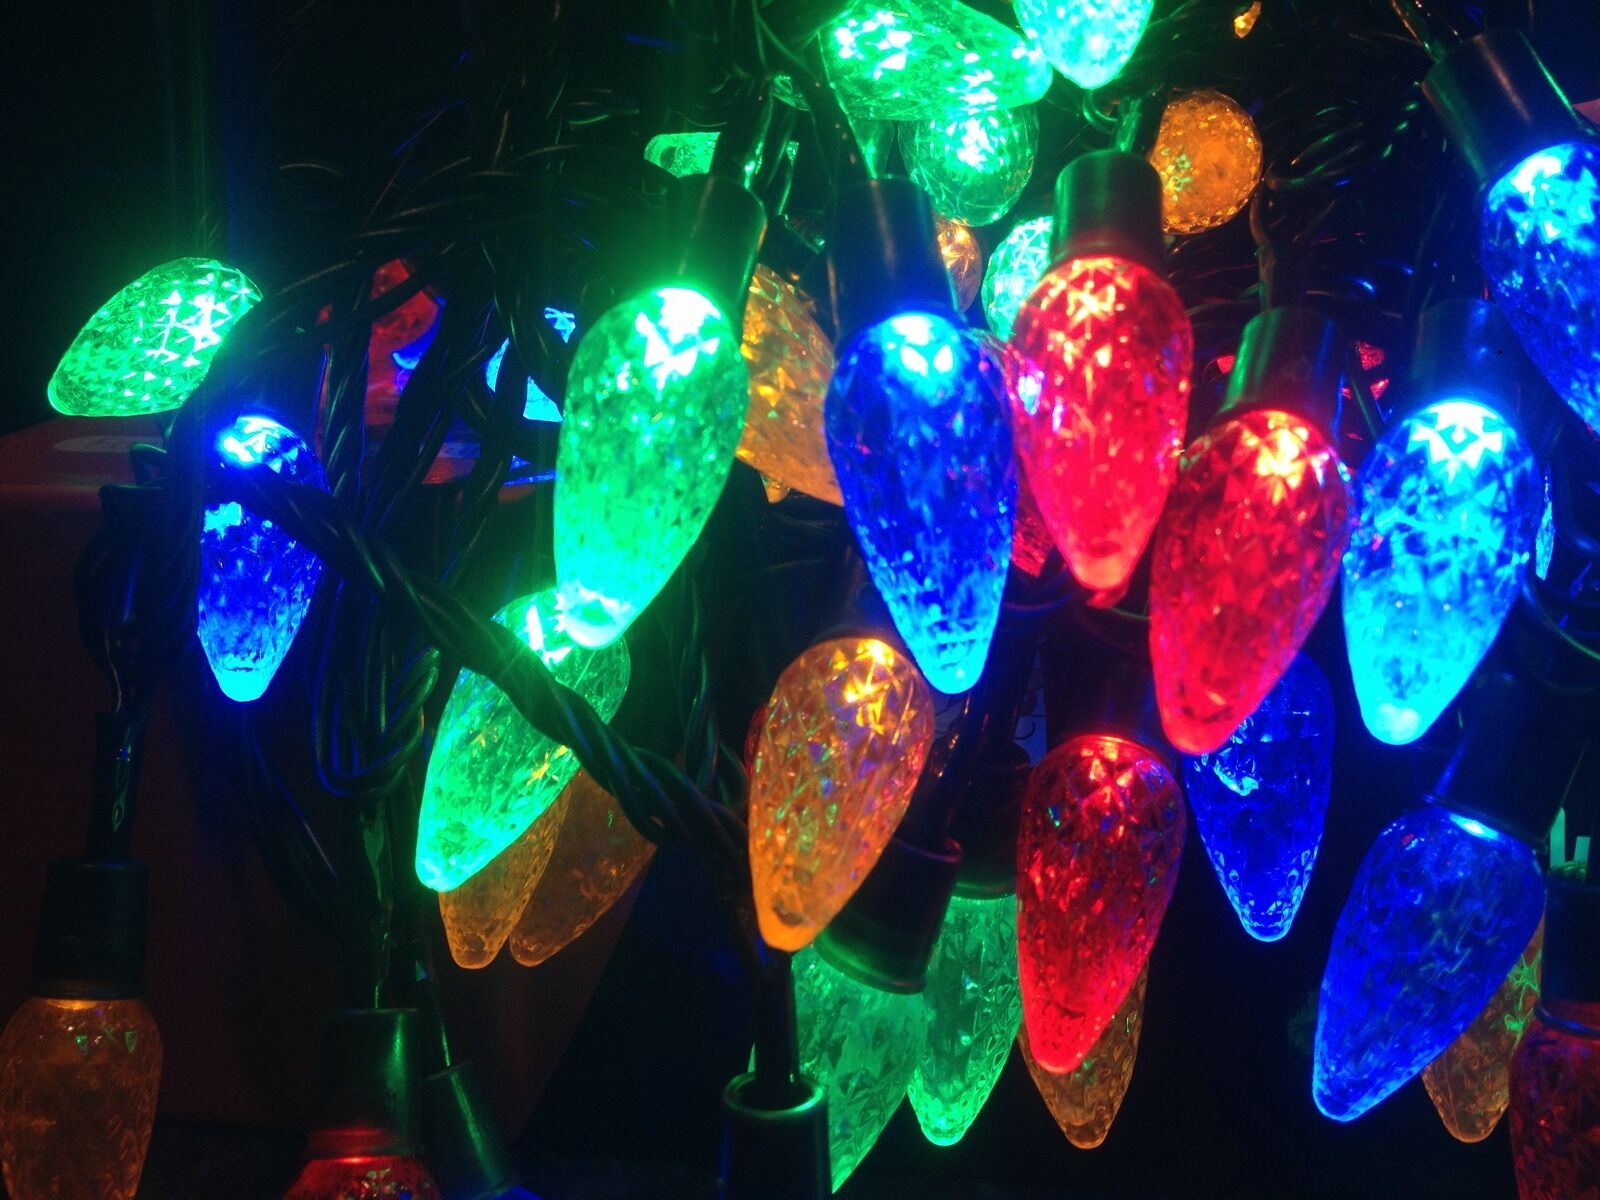 100 LED Multicolore Pine Lumières Cone Lumières Pine de Noël / 8 multifonctions / intérieur / extérieur 099398